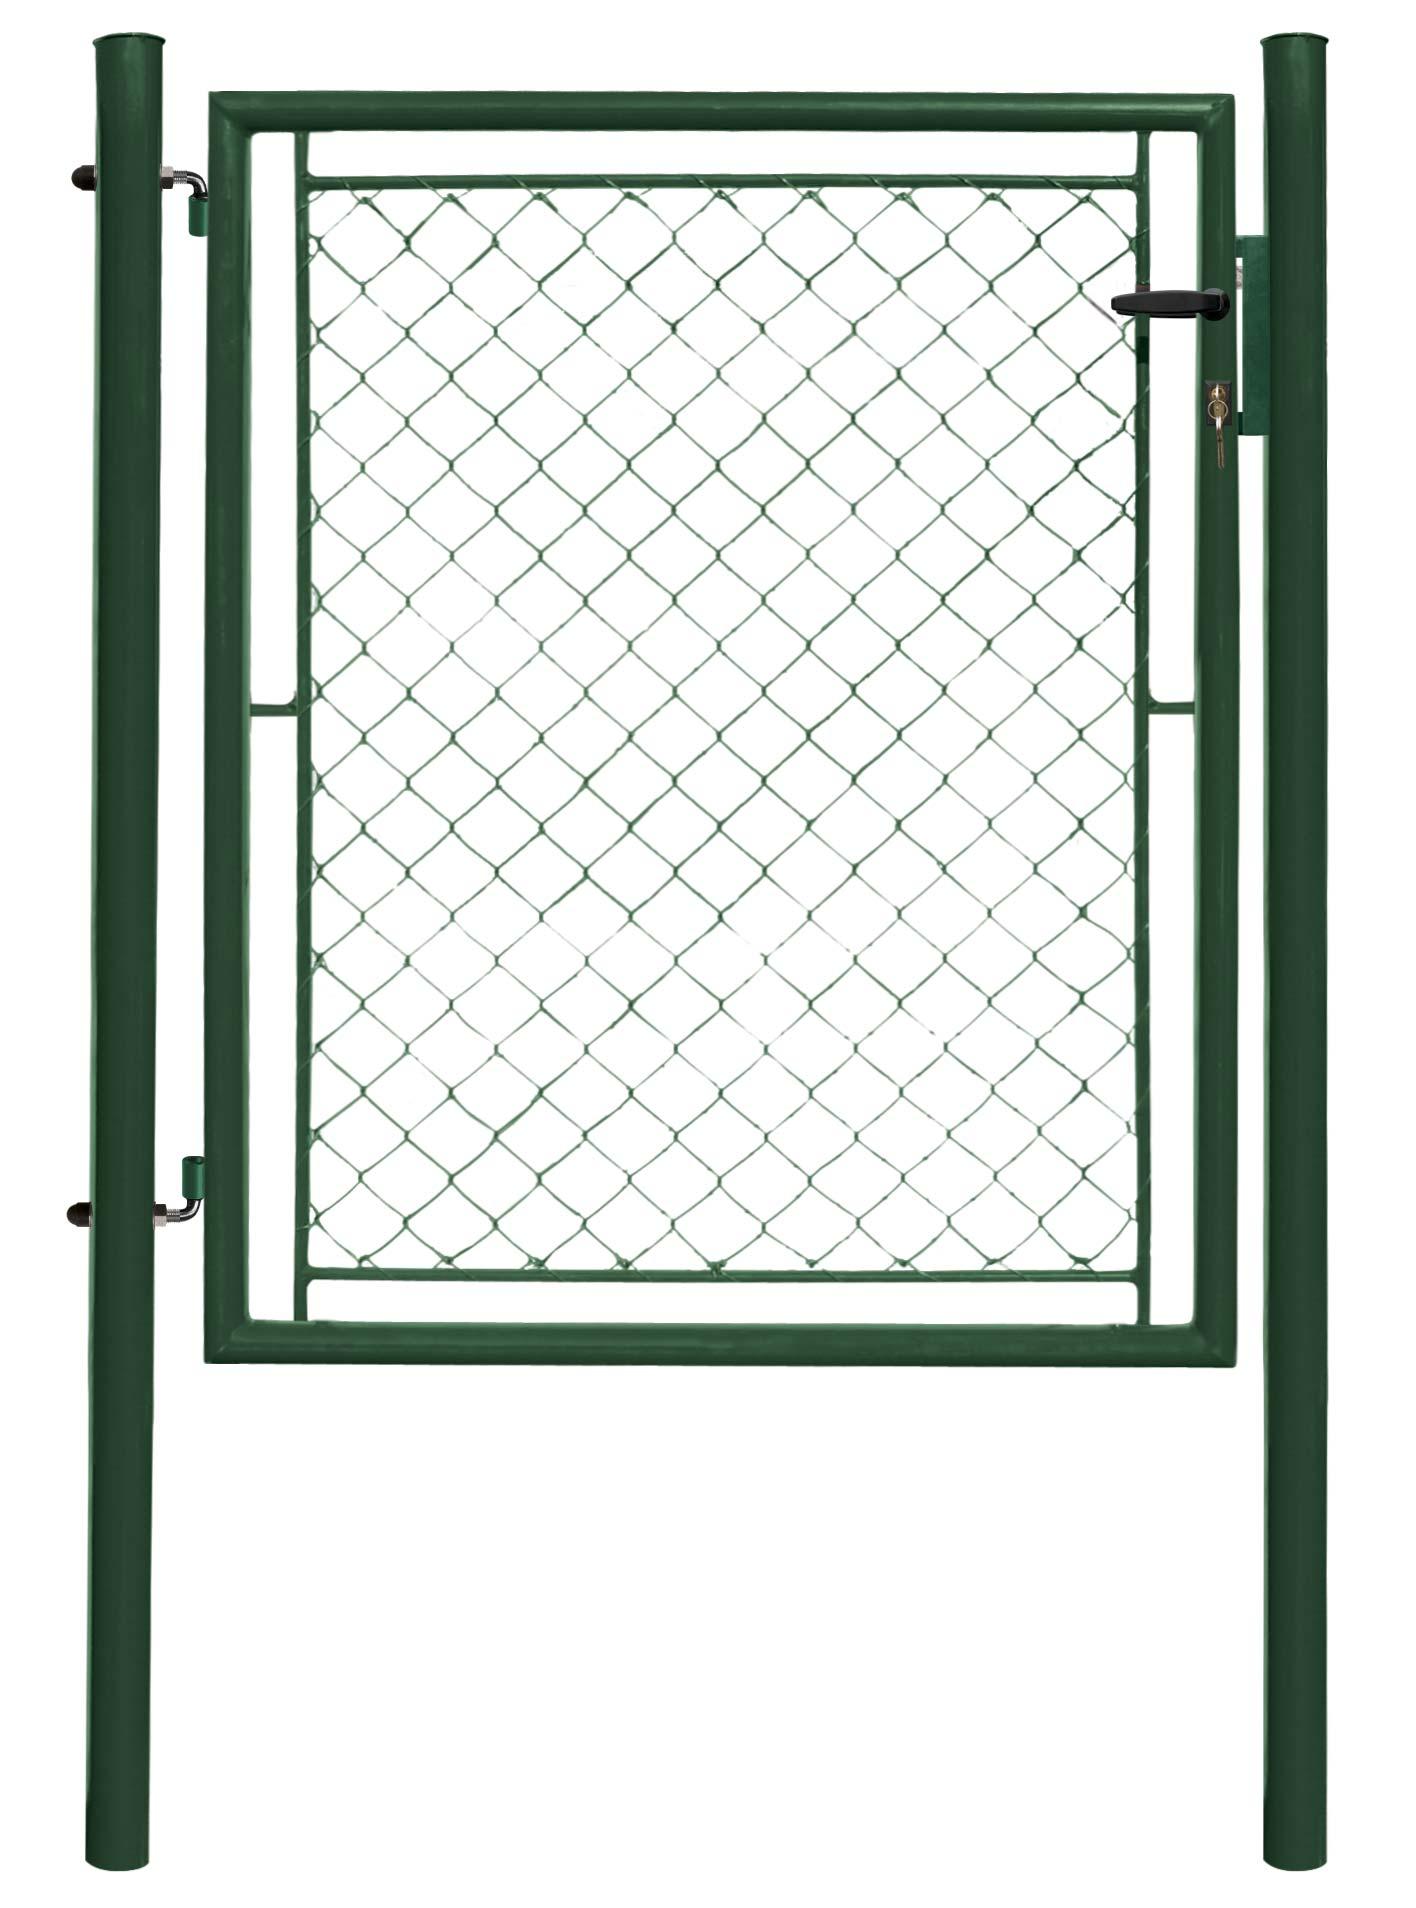 Branka IDEAL jednokřídlá 1085x950,Zn+PVC, zelená 16Kg